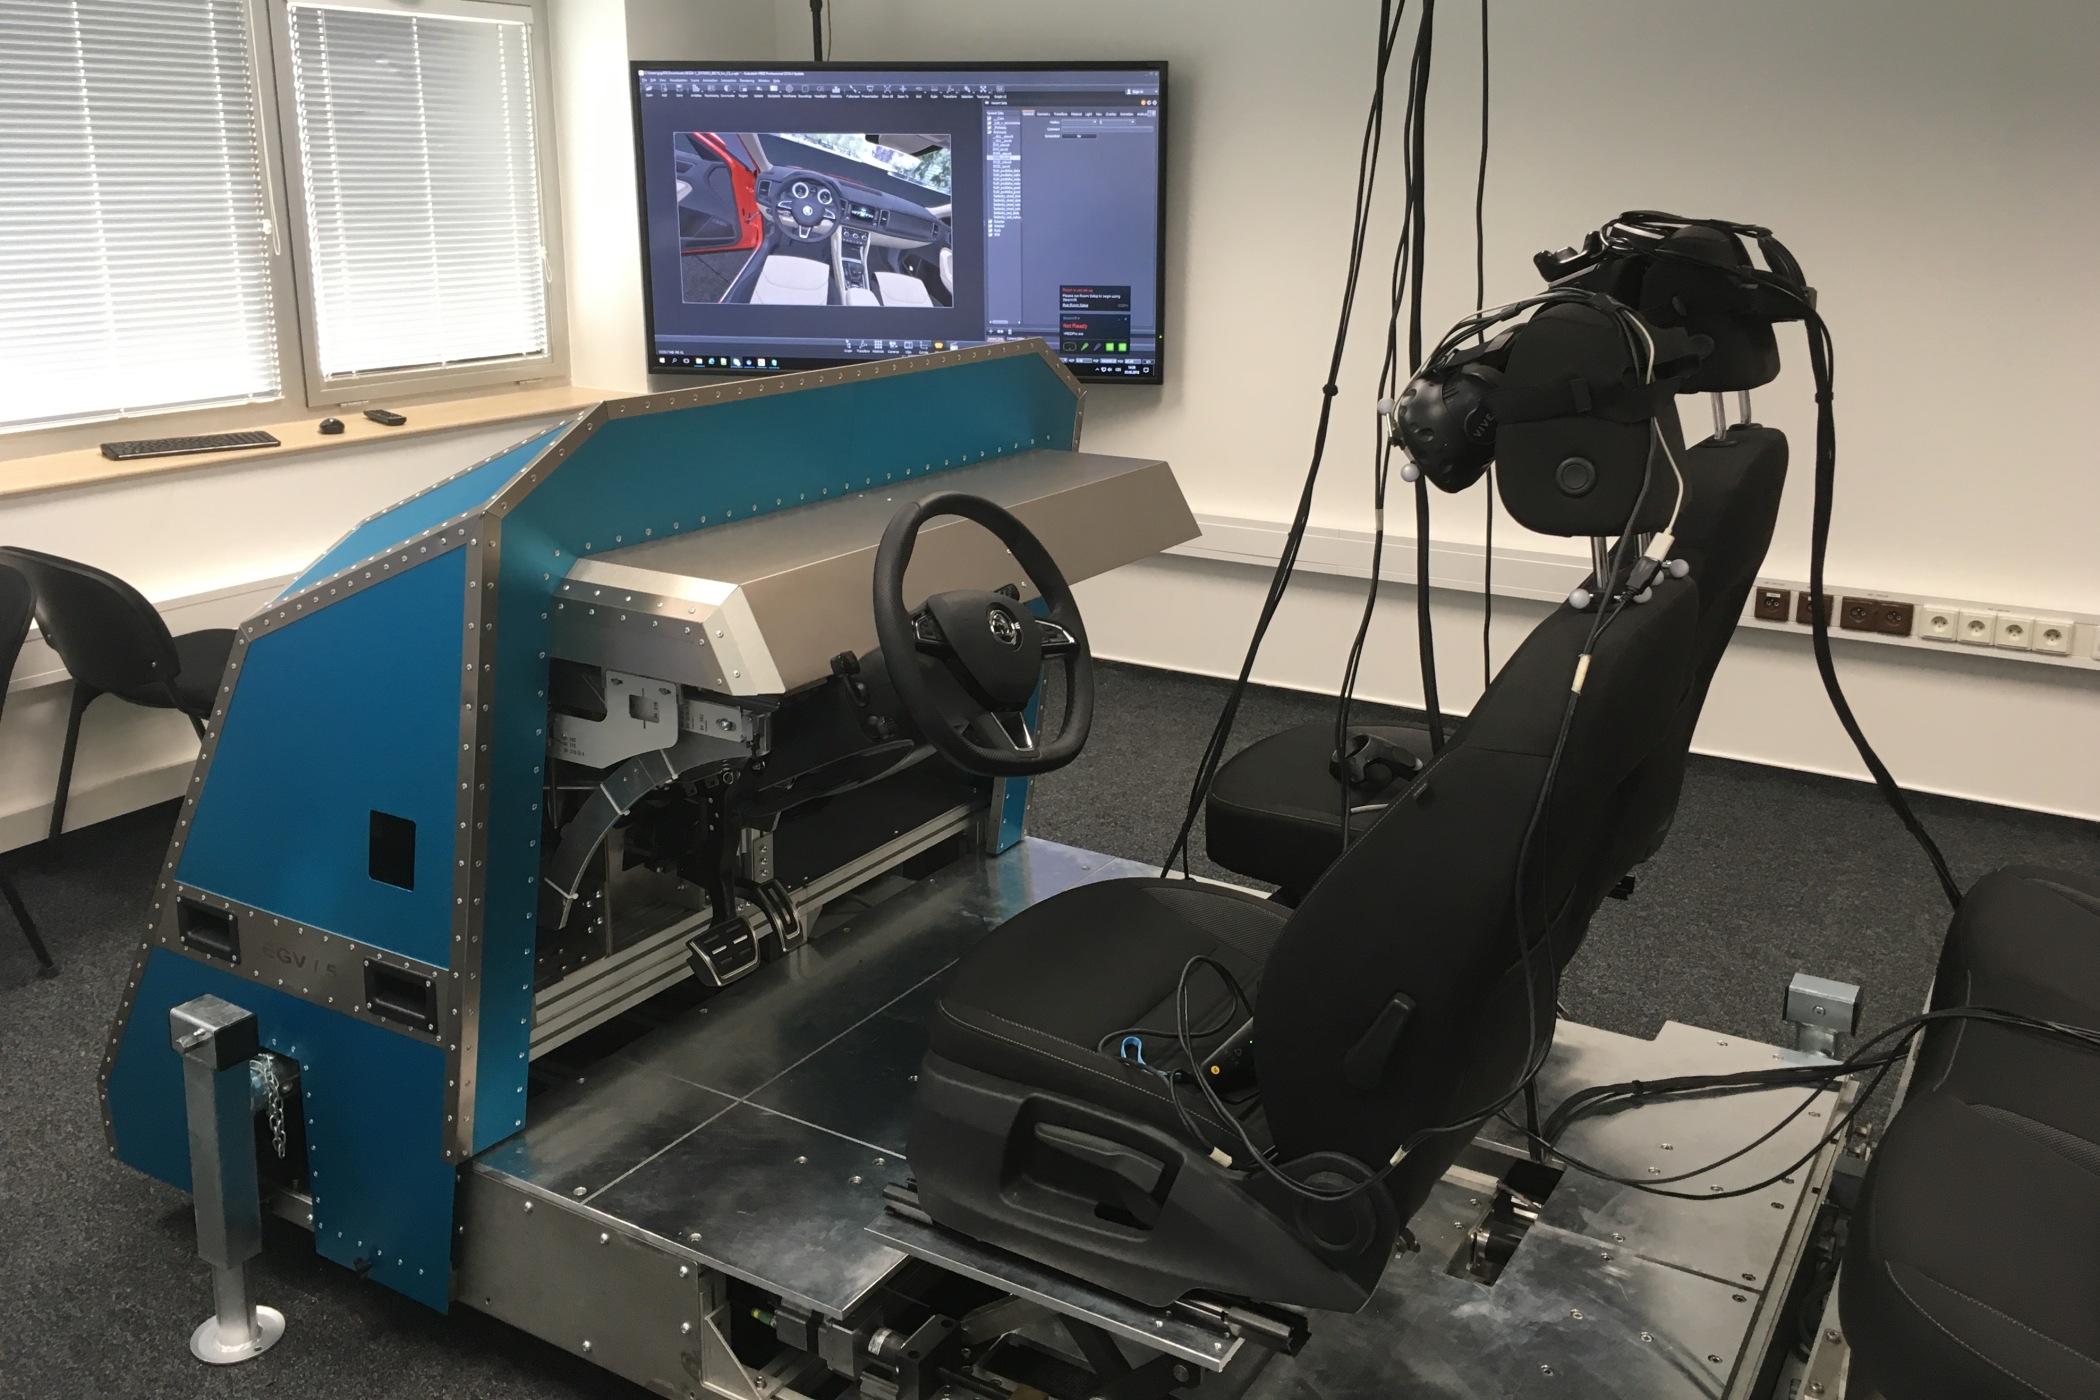 Maketa vozu, do kterého usedne testovací řidič s virtuálními brýlemi na očích.